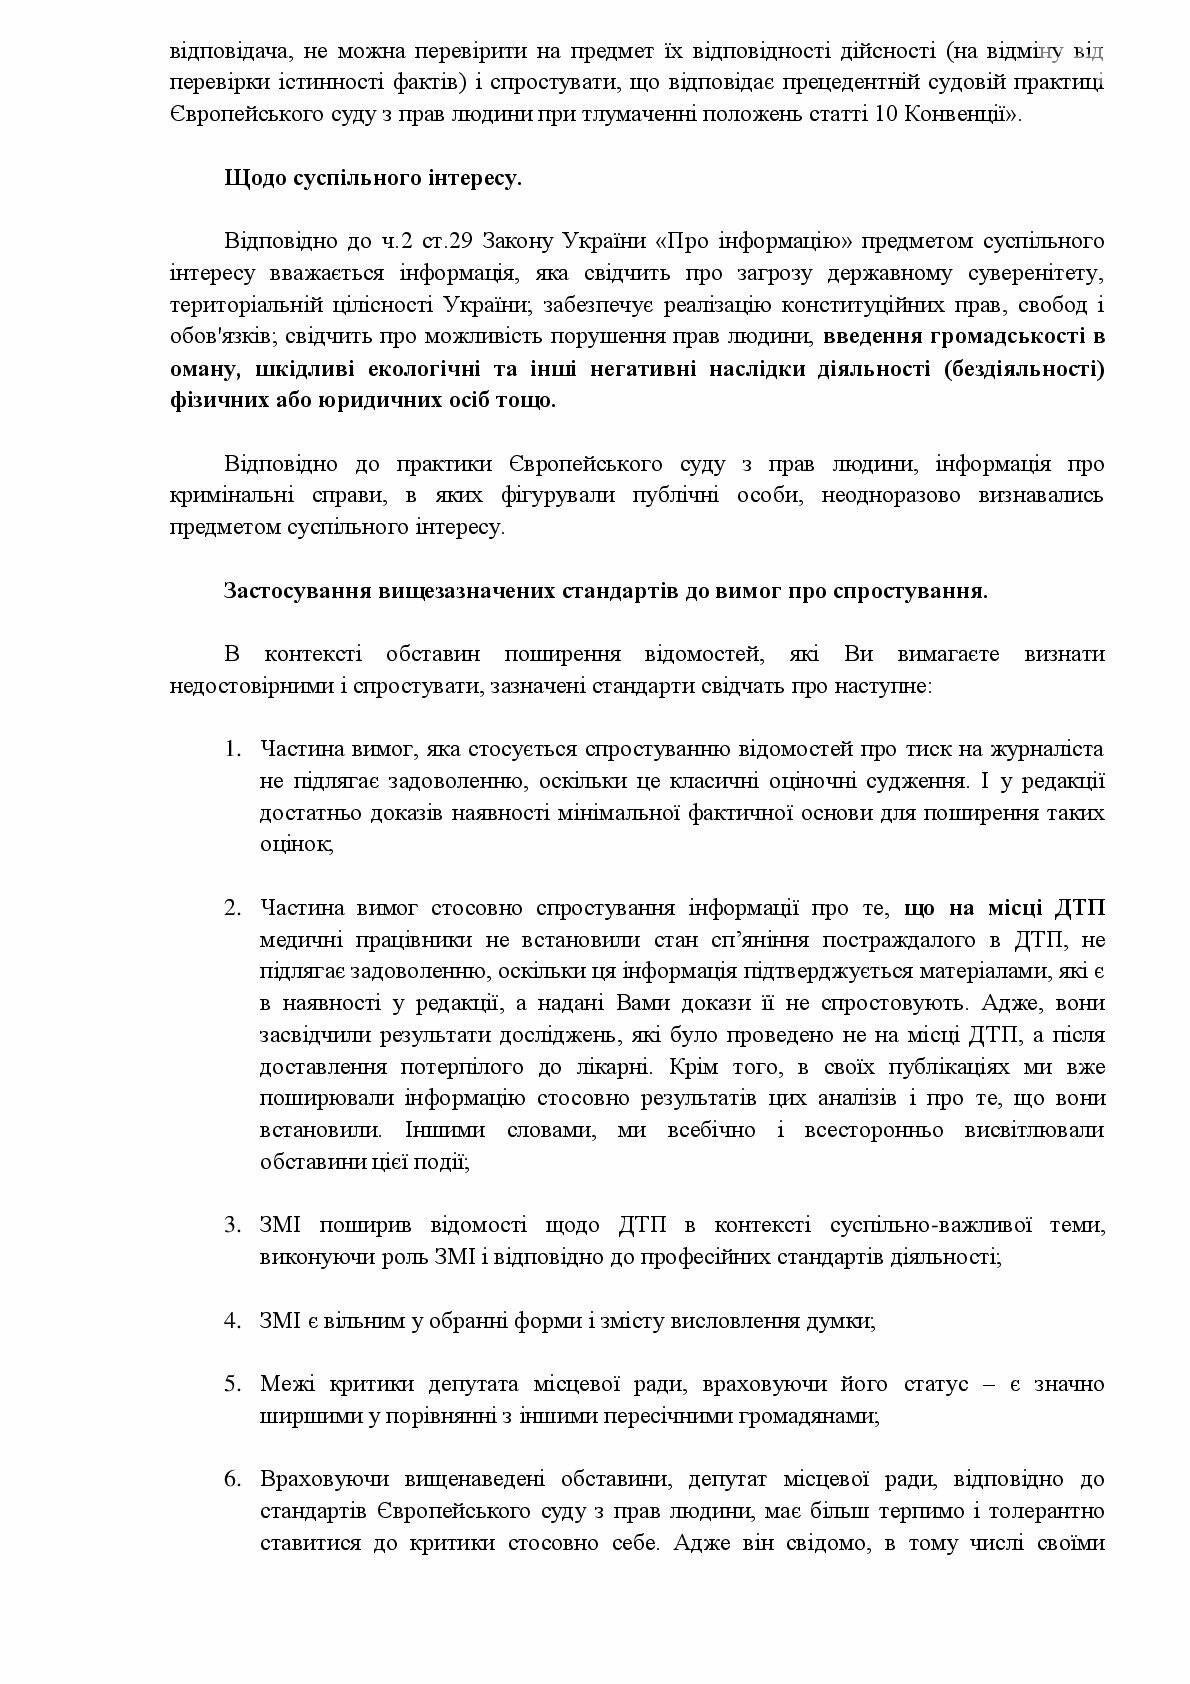 Депутат Гришин официально потребовал опровергнуть информацию о состоянии погибшего в ДТП. Ответ редакции 061, фото-3